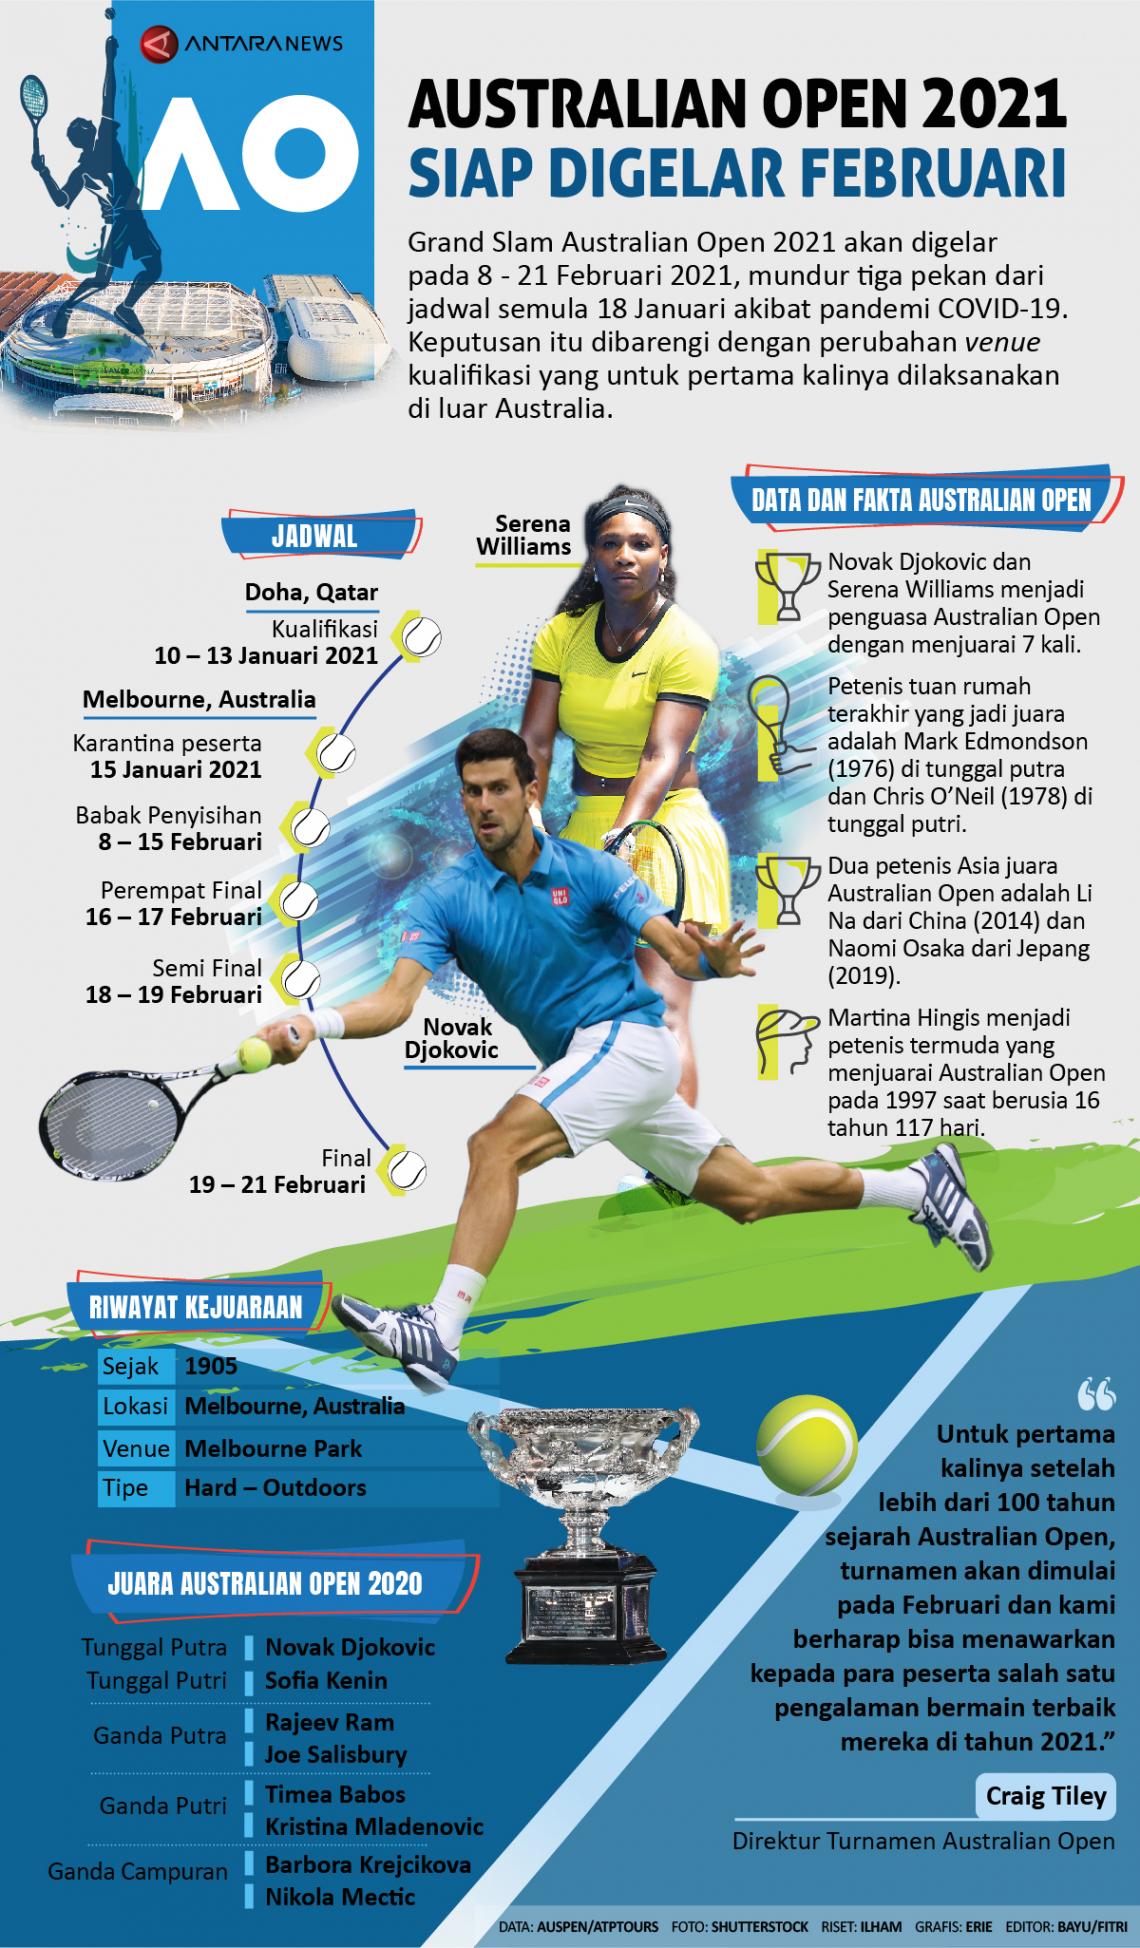 Australian Open 2021 siap digelar Februari